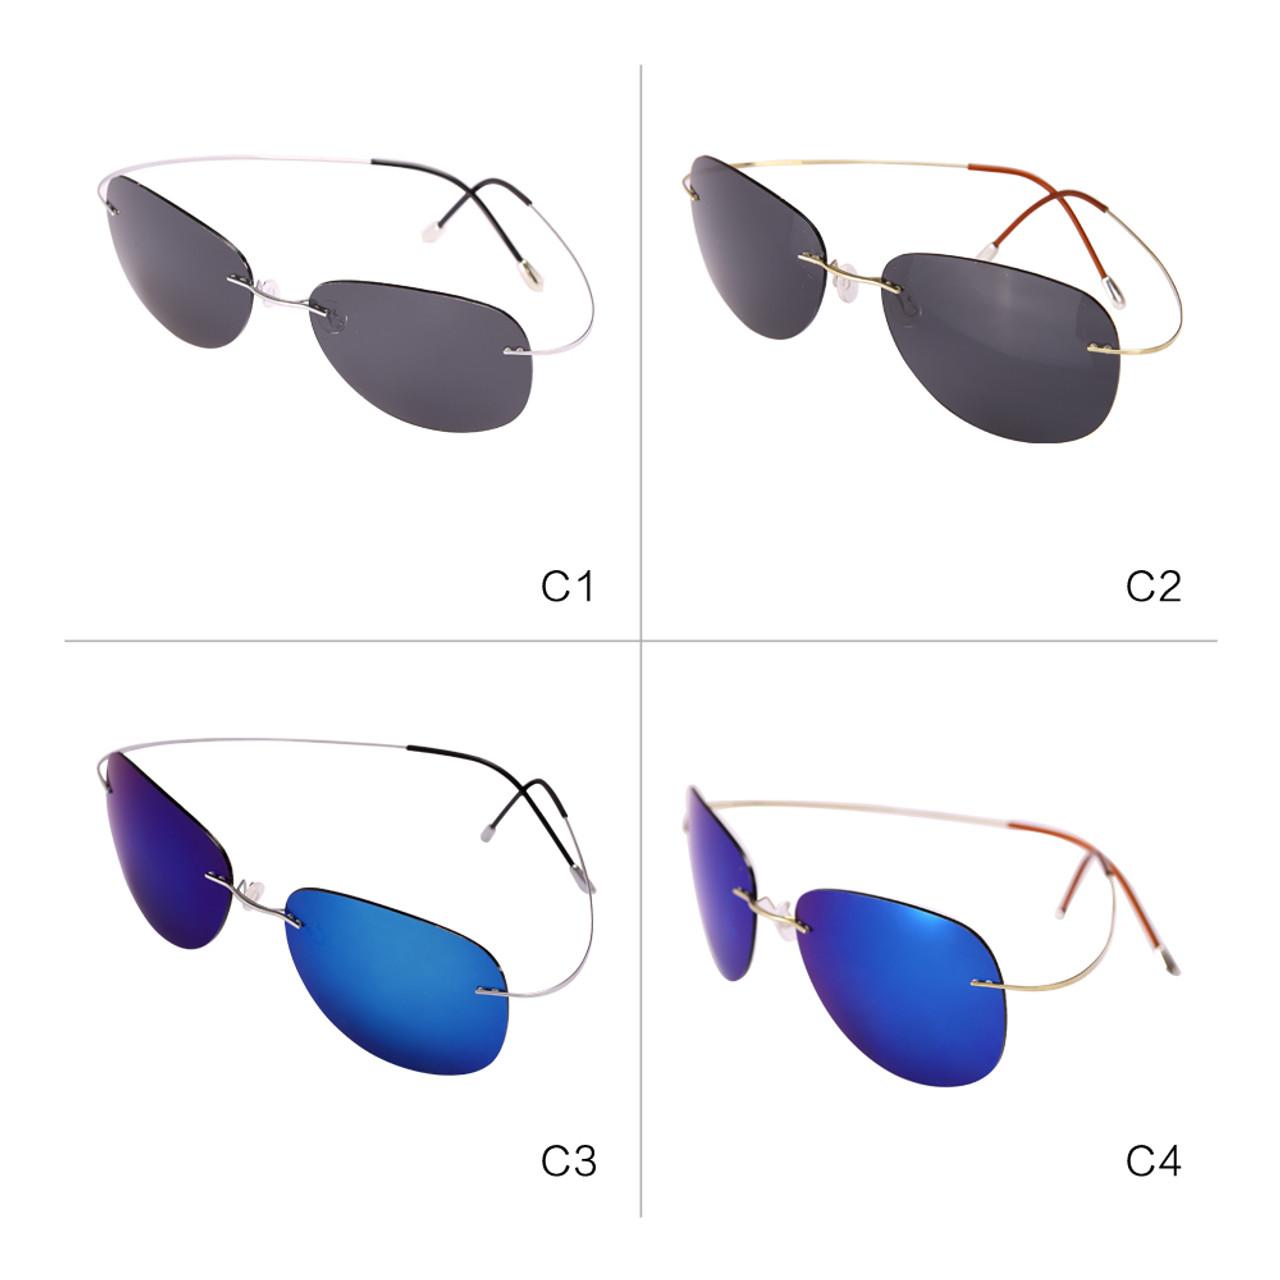 92ae3c03df ... Reedoon Sunglasses Polarized Mirrored UV400 Lens 90% Titanium Frame  Lightweight Sun Glasses 2018 For Men ...